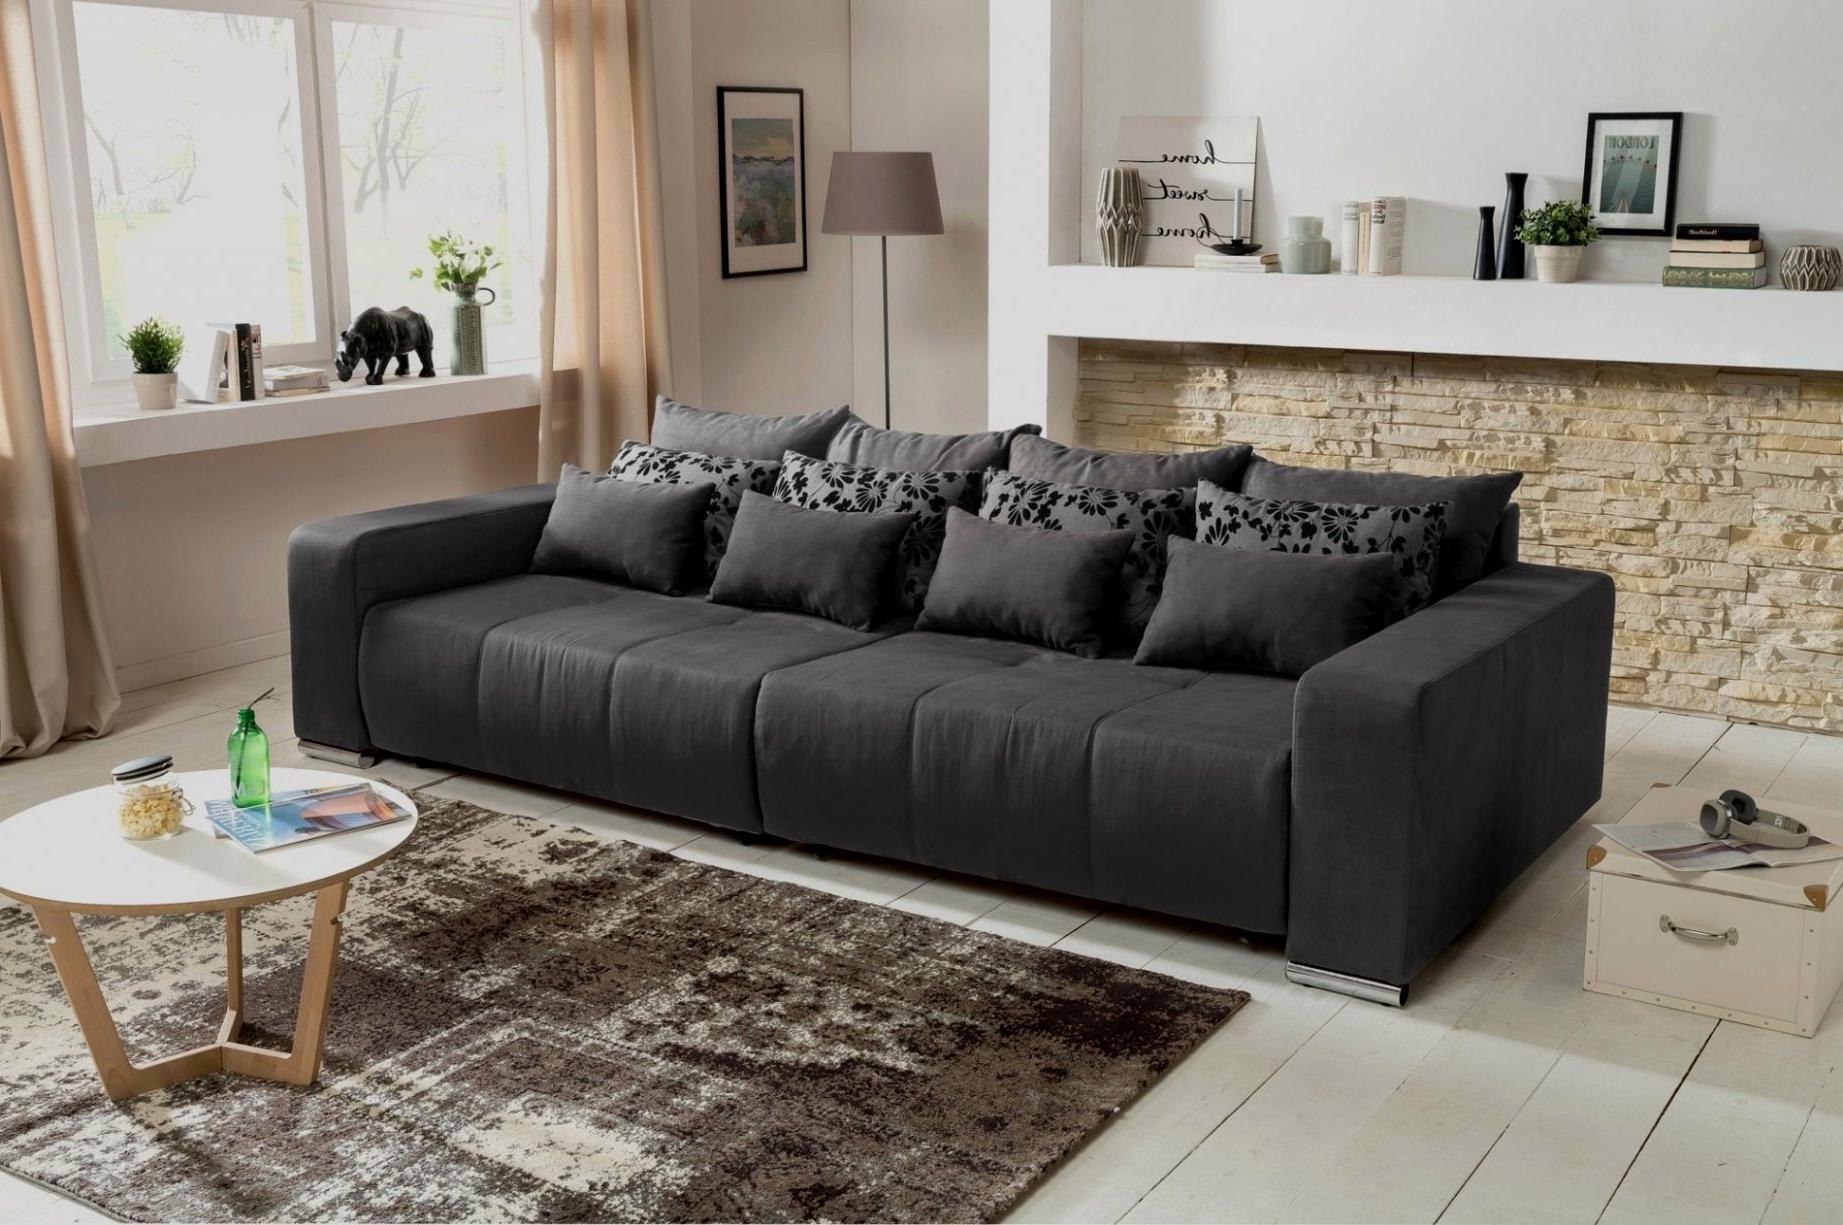 Sofas Valencia Outlet Ftd8 sofas Valencia Outlet Grande 40 Elegant sofa L form